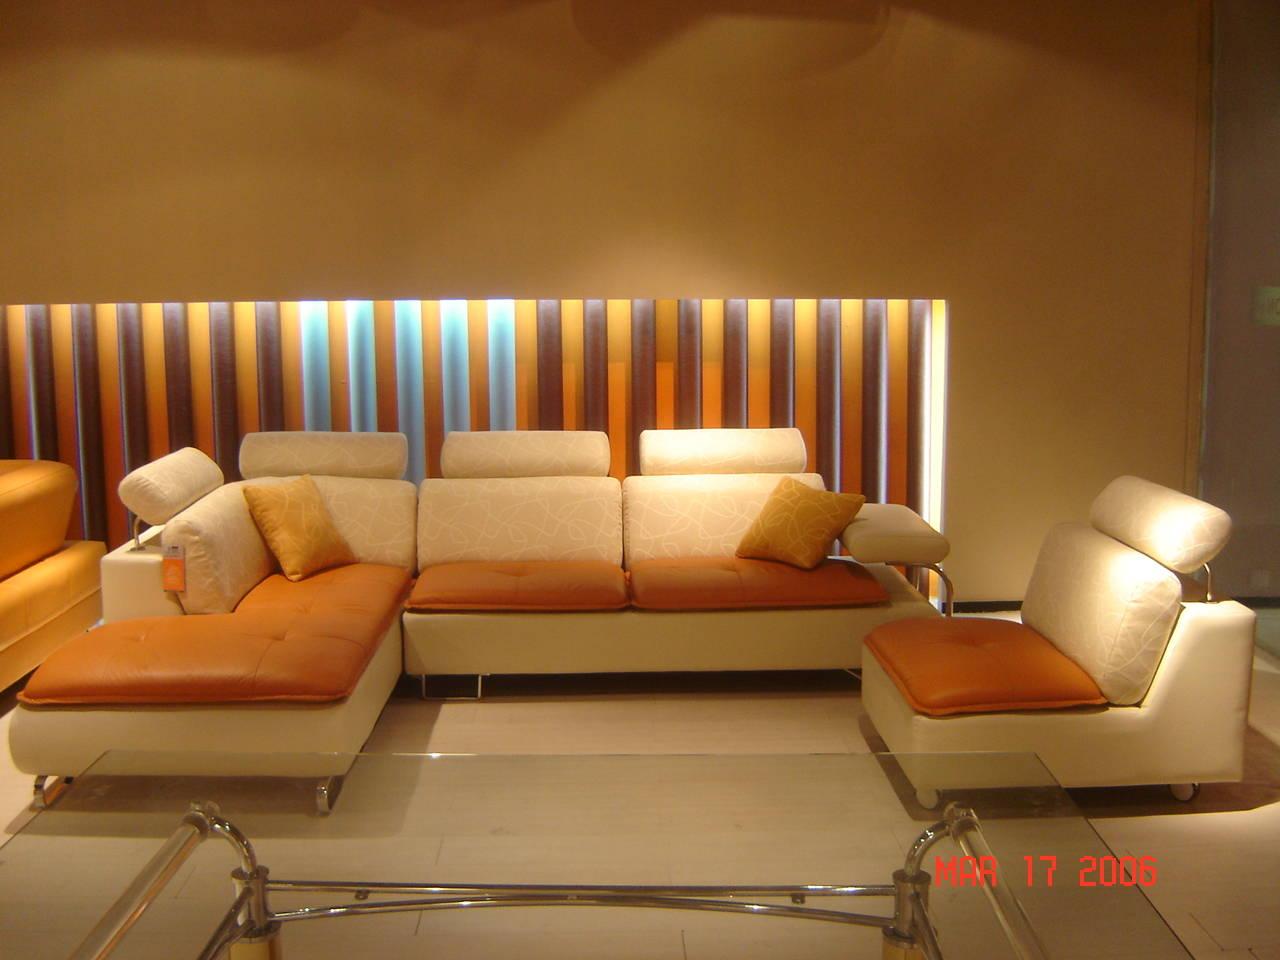 真皮转角沙发产品图片,真皮转角沙发产品相册 江西南昌标点沙发专卖店